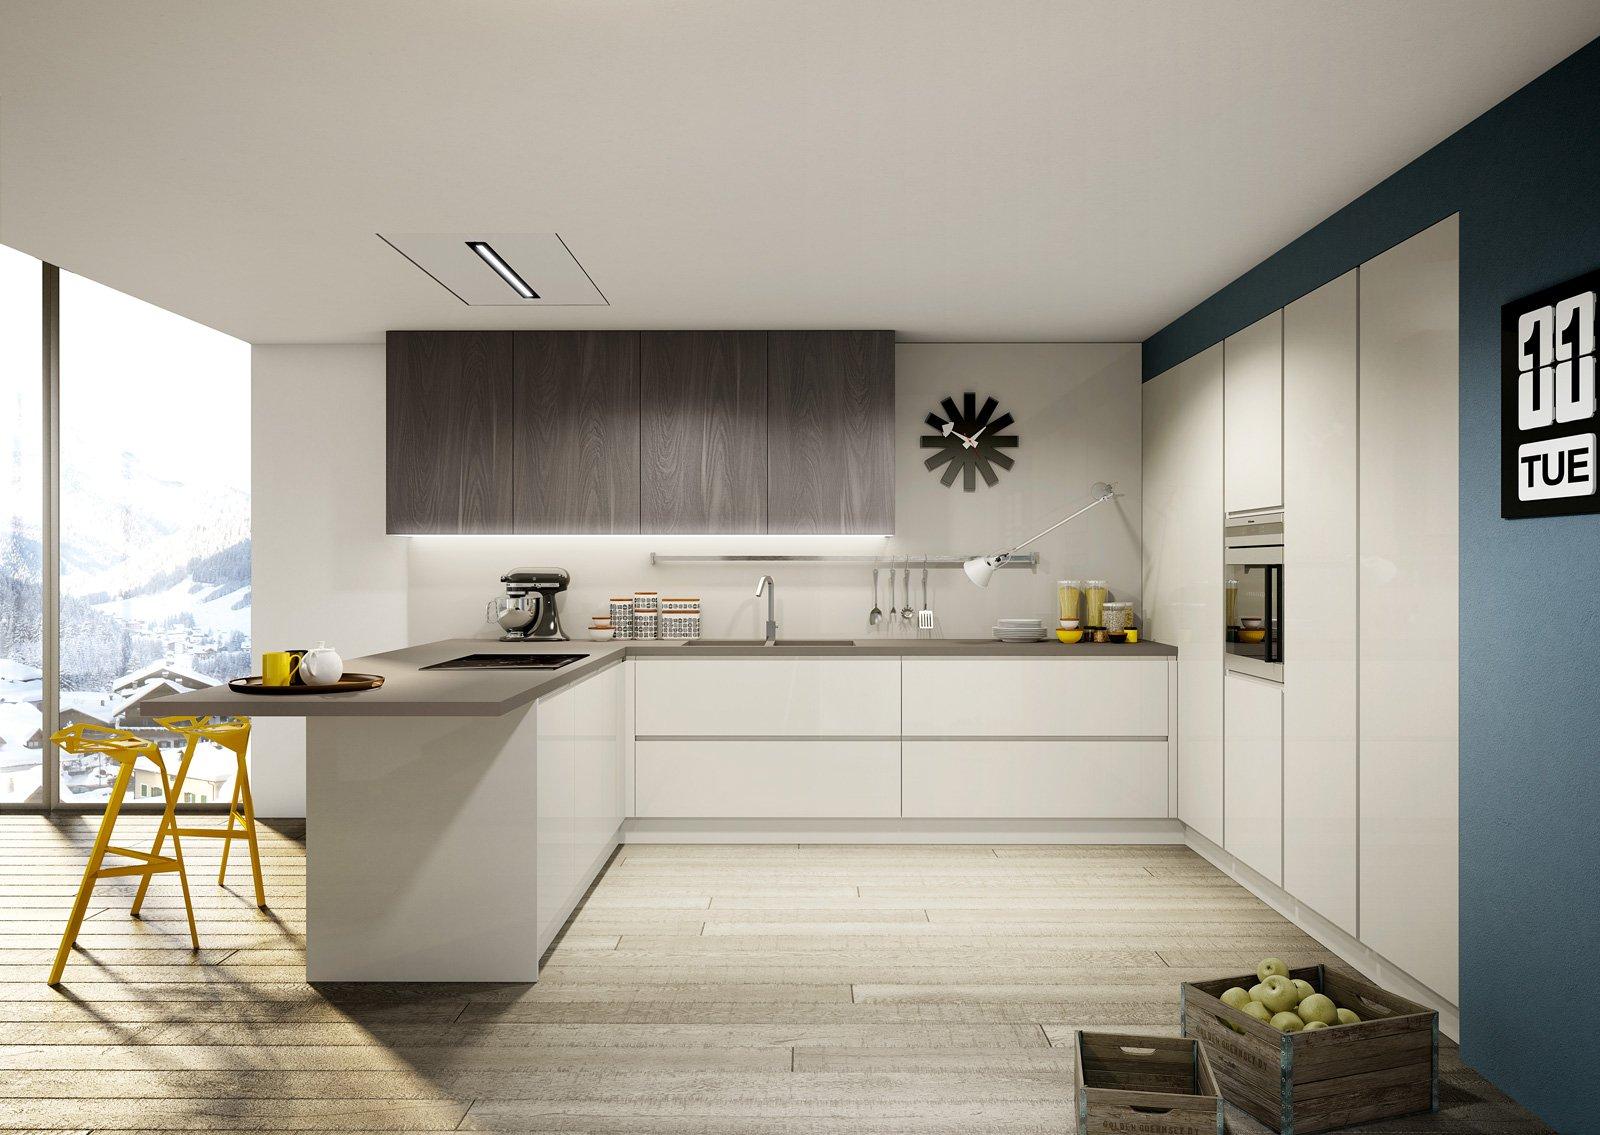 Cucine con penisola grande per separare contenere pranzare cose di casa - Cucine moderne con penisola ...